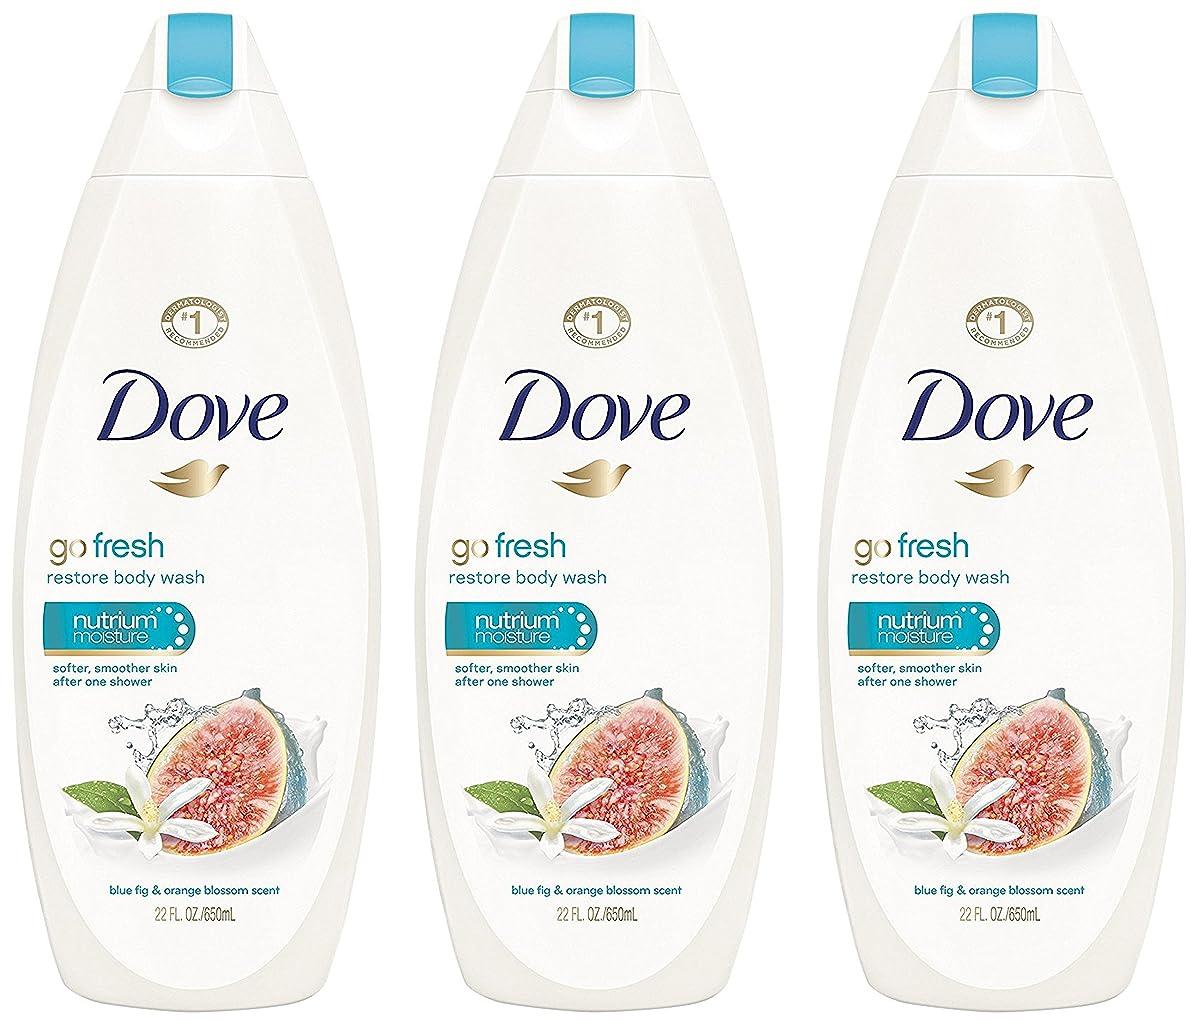 性格説明一部Dove ボディウォッシュ - 復元 - - 当期純重量 - ブルー図&オレンジブロッサム香りでフレッシュます。ボトルパー22液量オンス(650 ml)を - 3本のボトルのパック